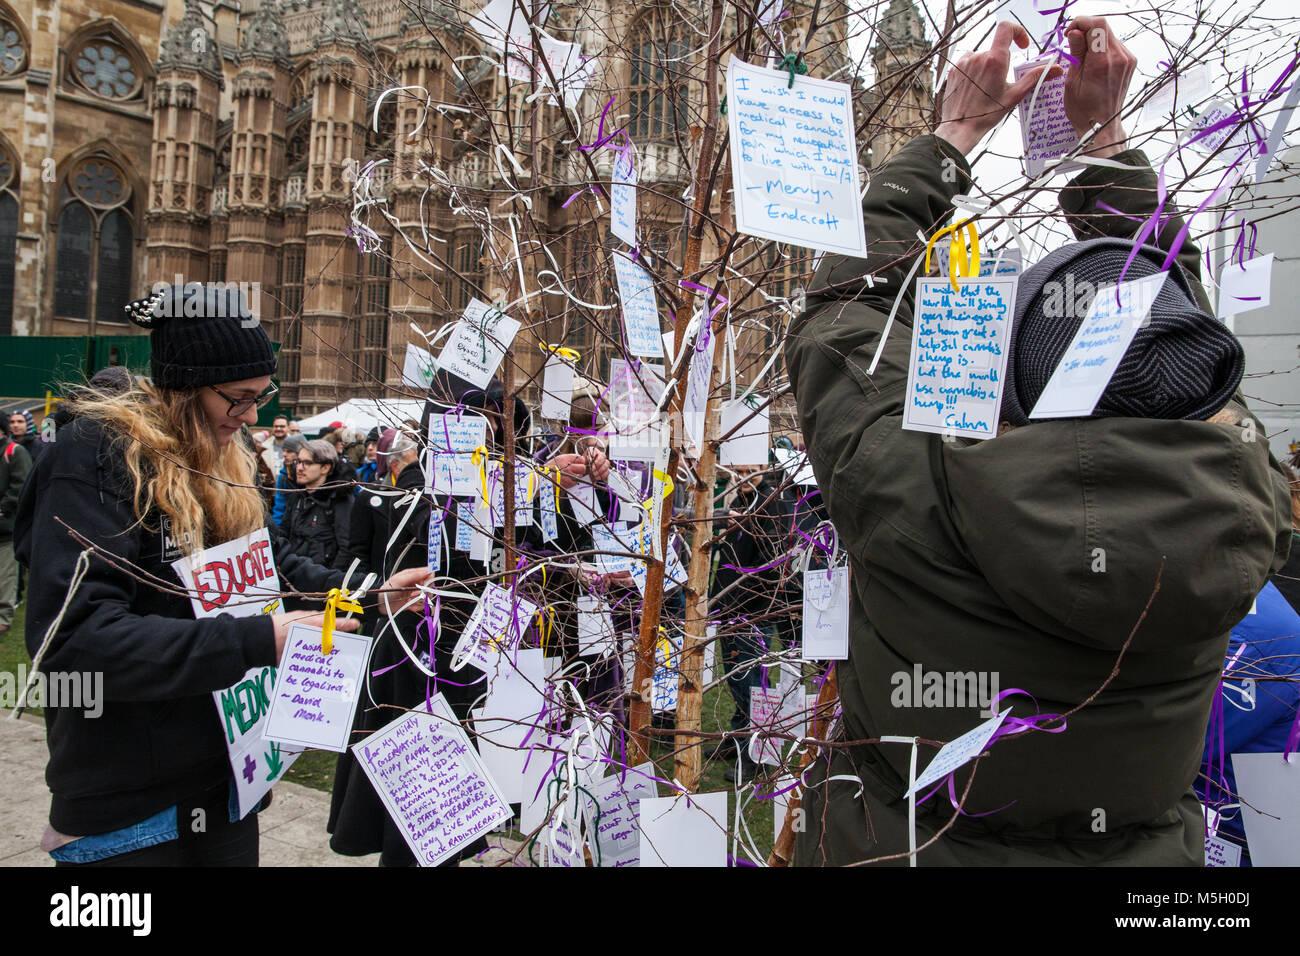 Londres, Royaume-Uni. 23 Février, 2018. Les partisans de l'Alliance Patients fixer des messages, ou 'Canna-Wishes', à un arbre des désirs en face du Parlement lors d'un rassemblement organisé à l'occasion de la deuxième lecture au Parlement de la légalisation du cannabis à des fins médicinales (Loi 2017-19), également connu sous le nom de l'Elizabeth Brice Loi après un multiple sclerosis patient décédé en 2011. Banque D'Images